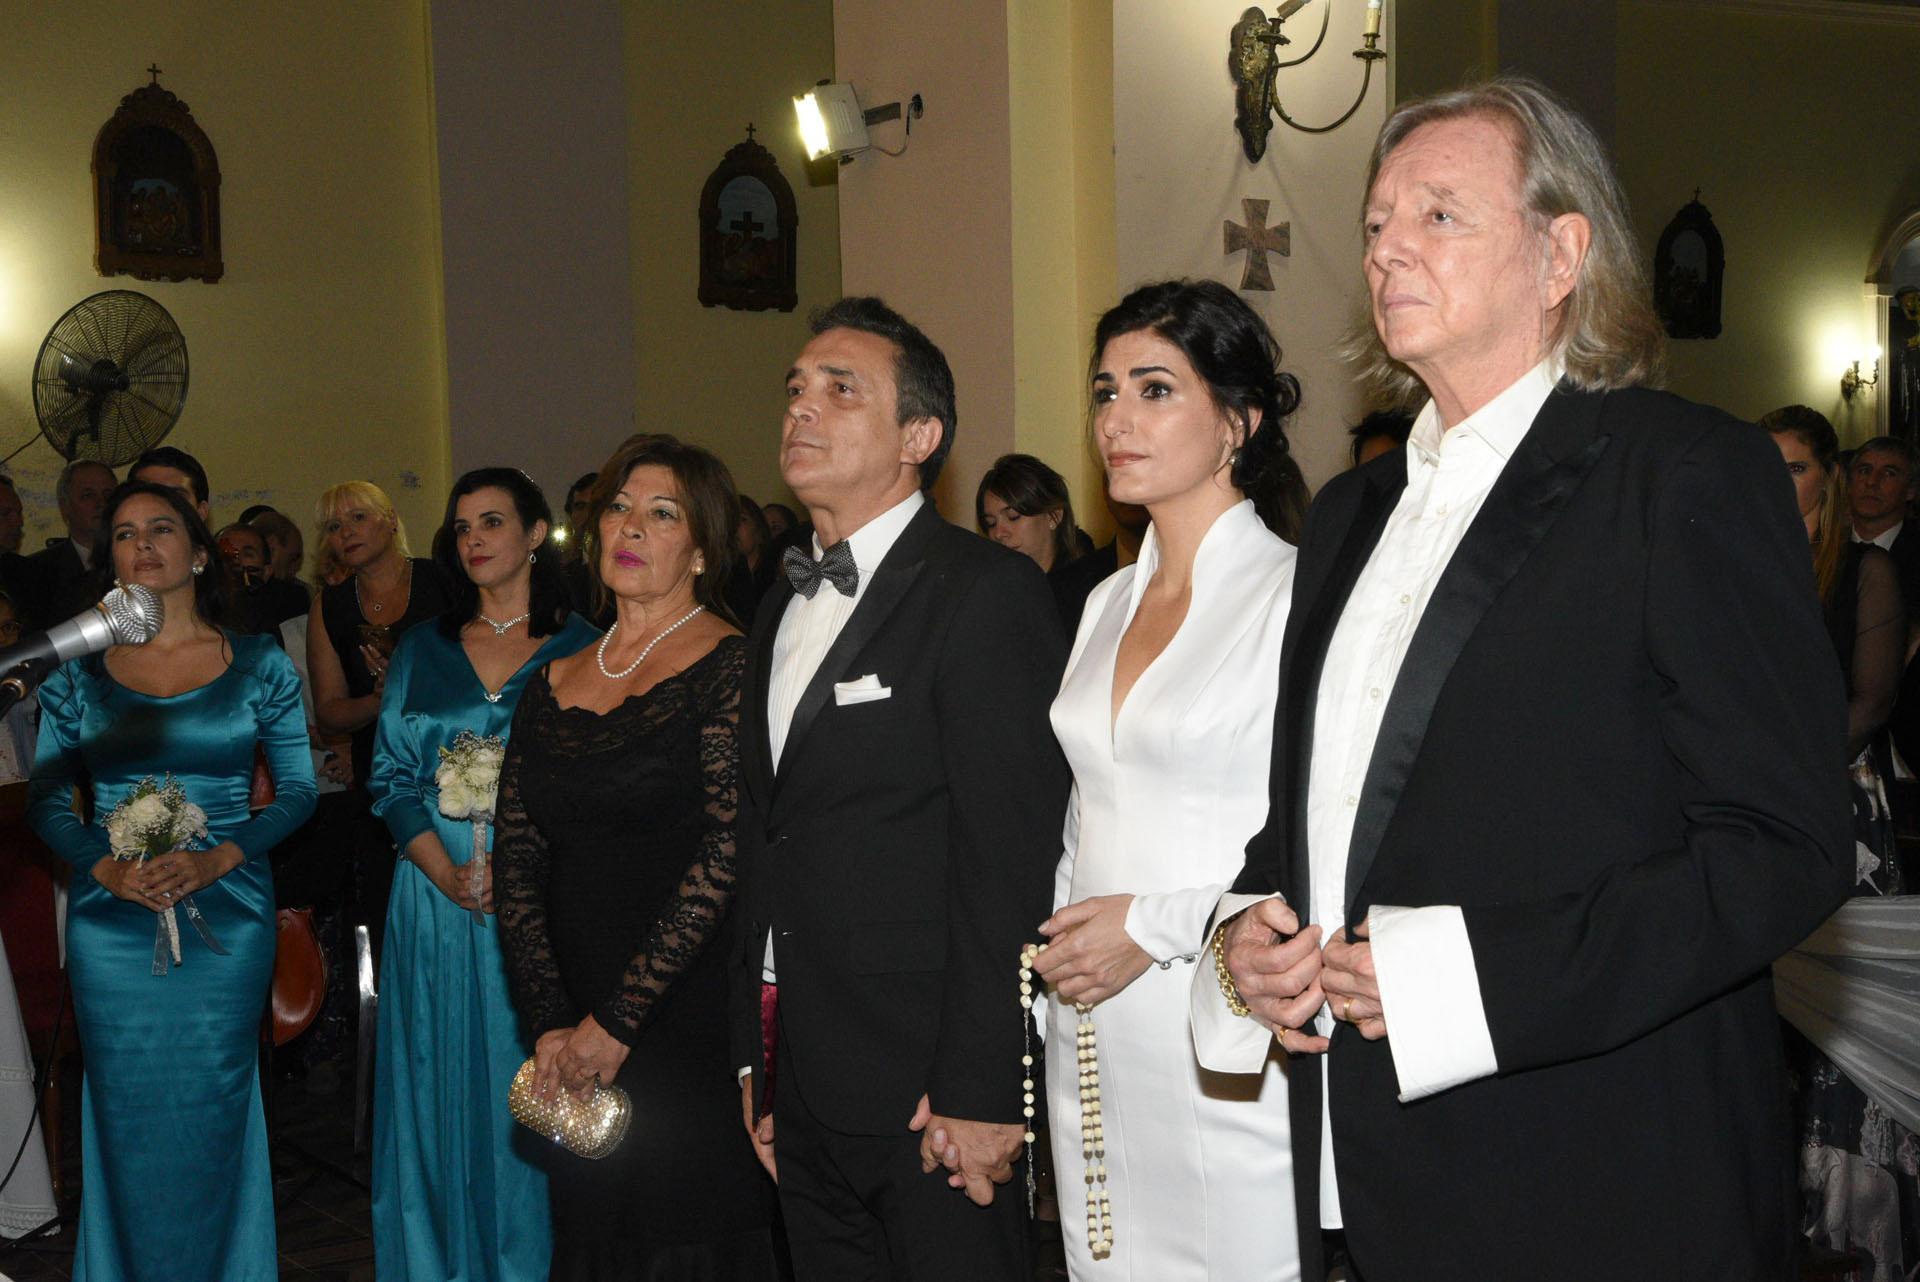 Cecilia Milone y Nito Artaza junto a Pepe Cibrián Campoy y Amelia Artaza -hermana del novio-, los padrinos de la boda